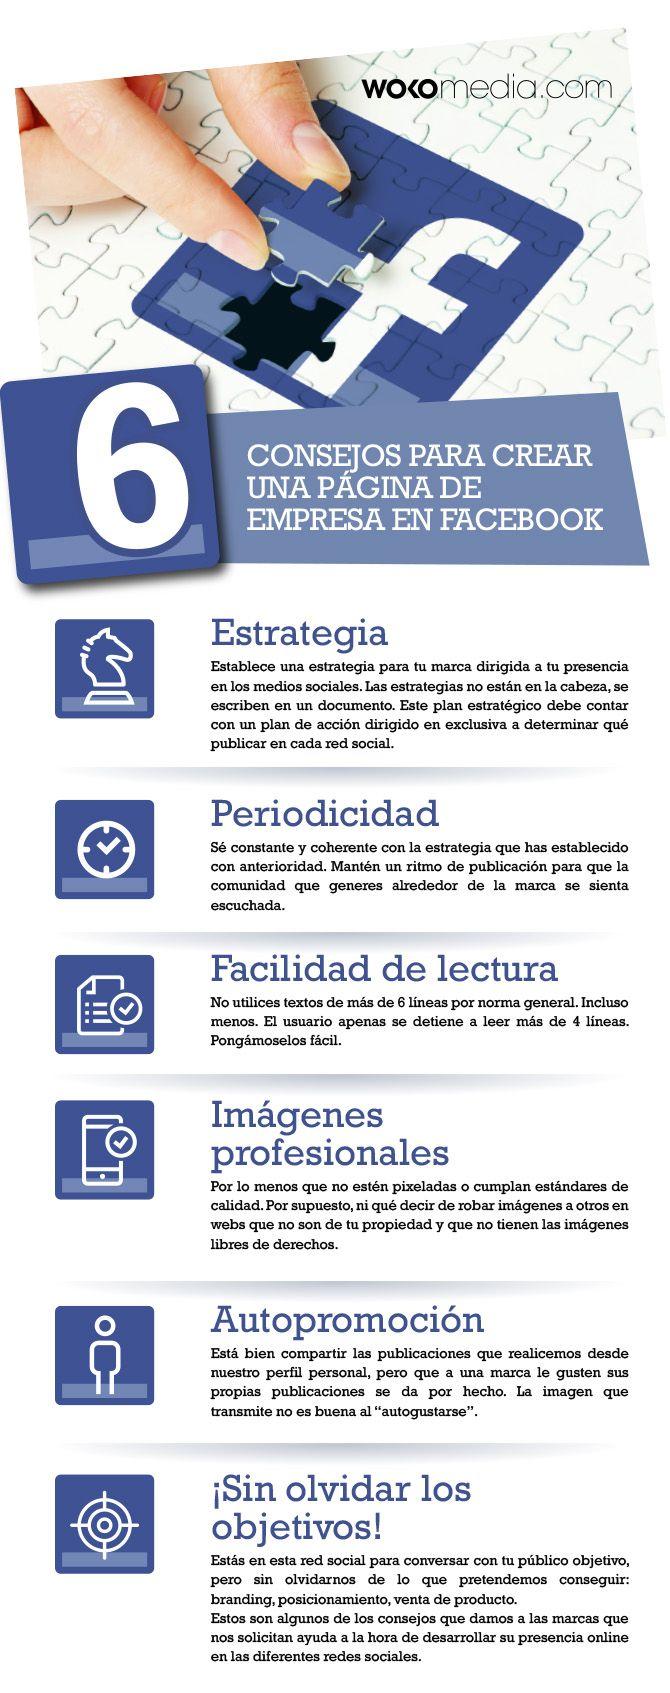 #Infografia #RedesSociales 6 consejos para crear una página de Facebook. #TAVnews